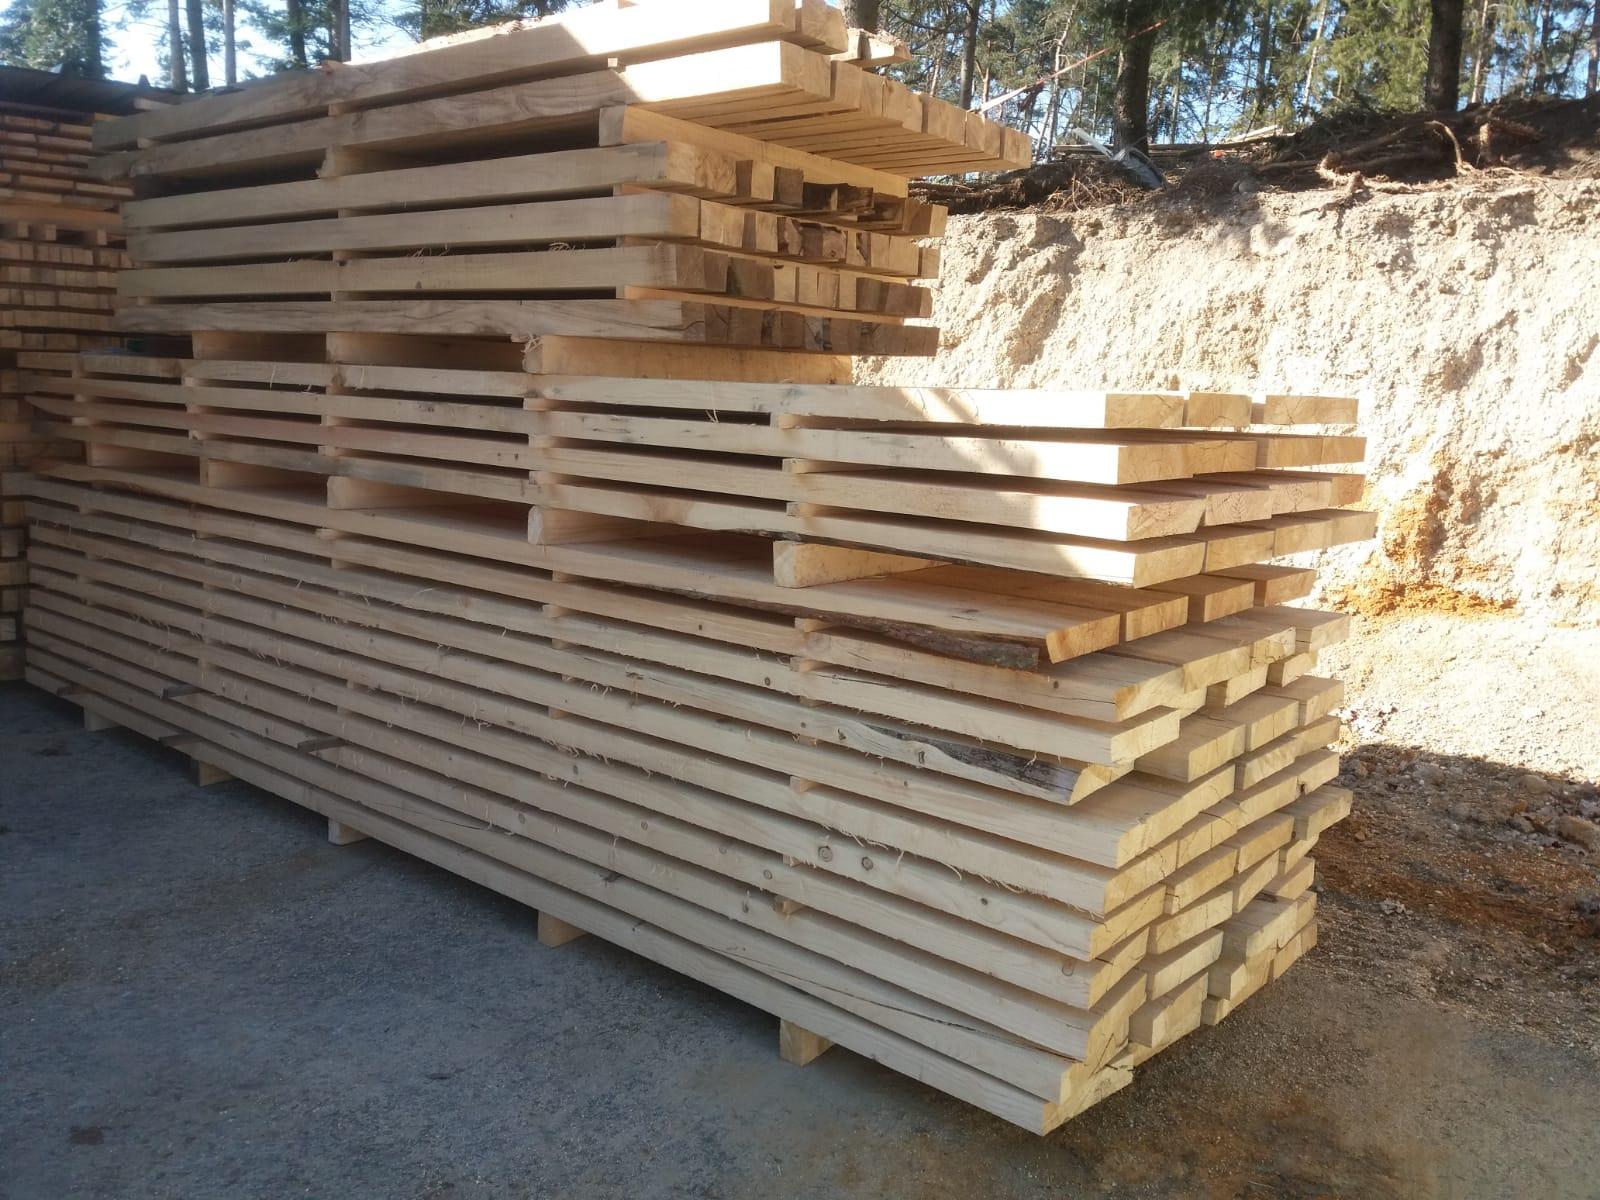 fichten-pfosten-250-x5x-400cm-akazienholzpfosten-7x7x400cm